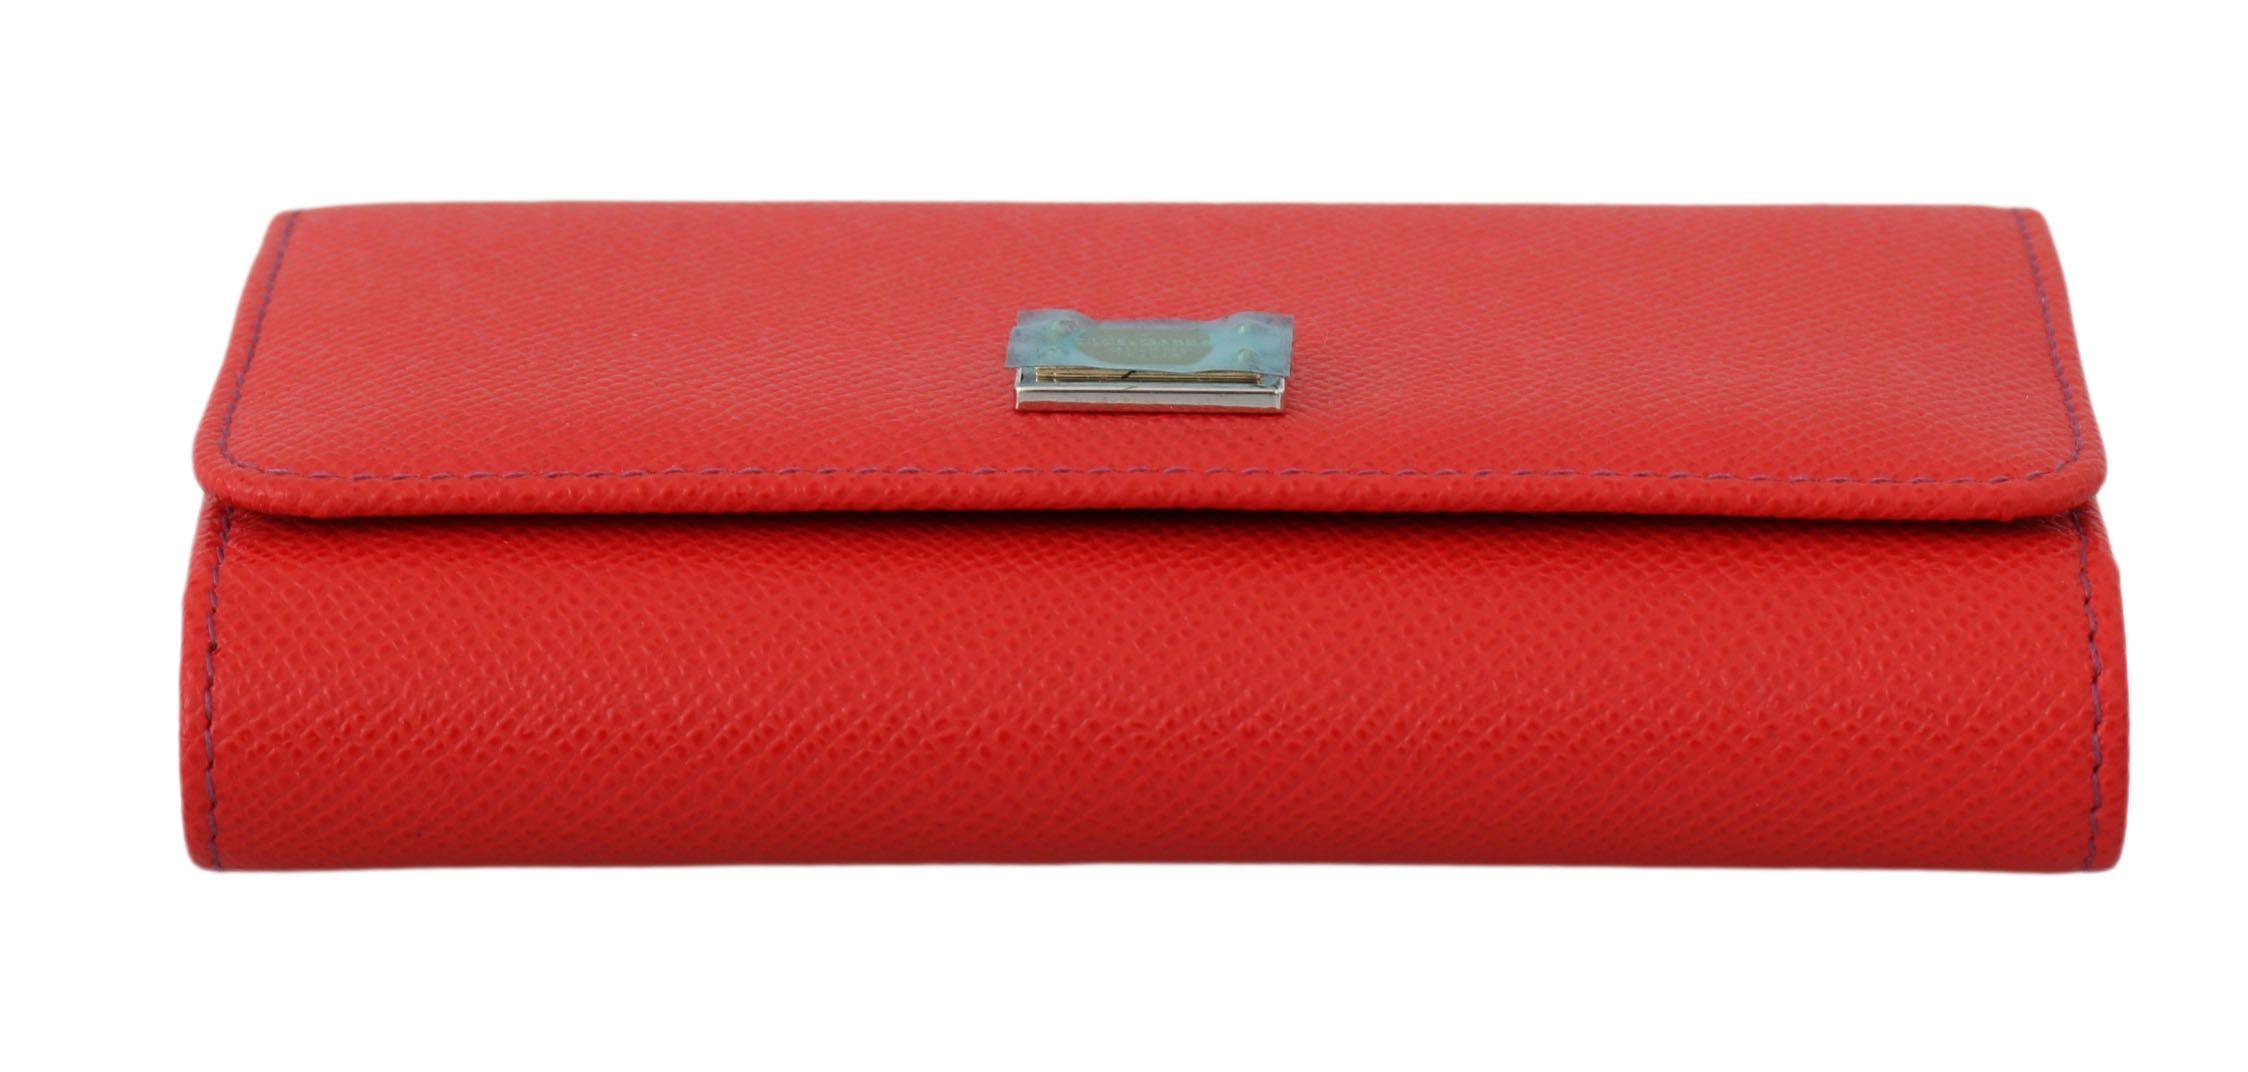 Dolce & Gabbana Red Blue Leather Hand Borse Phone Sicily VON Purse